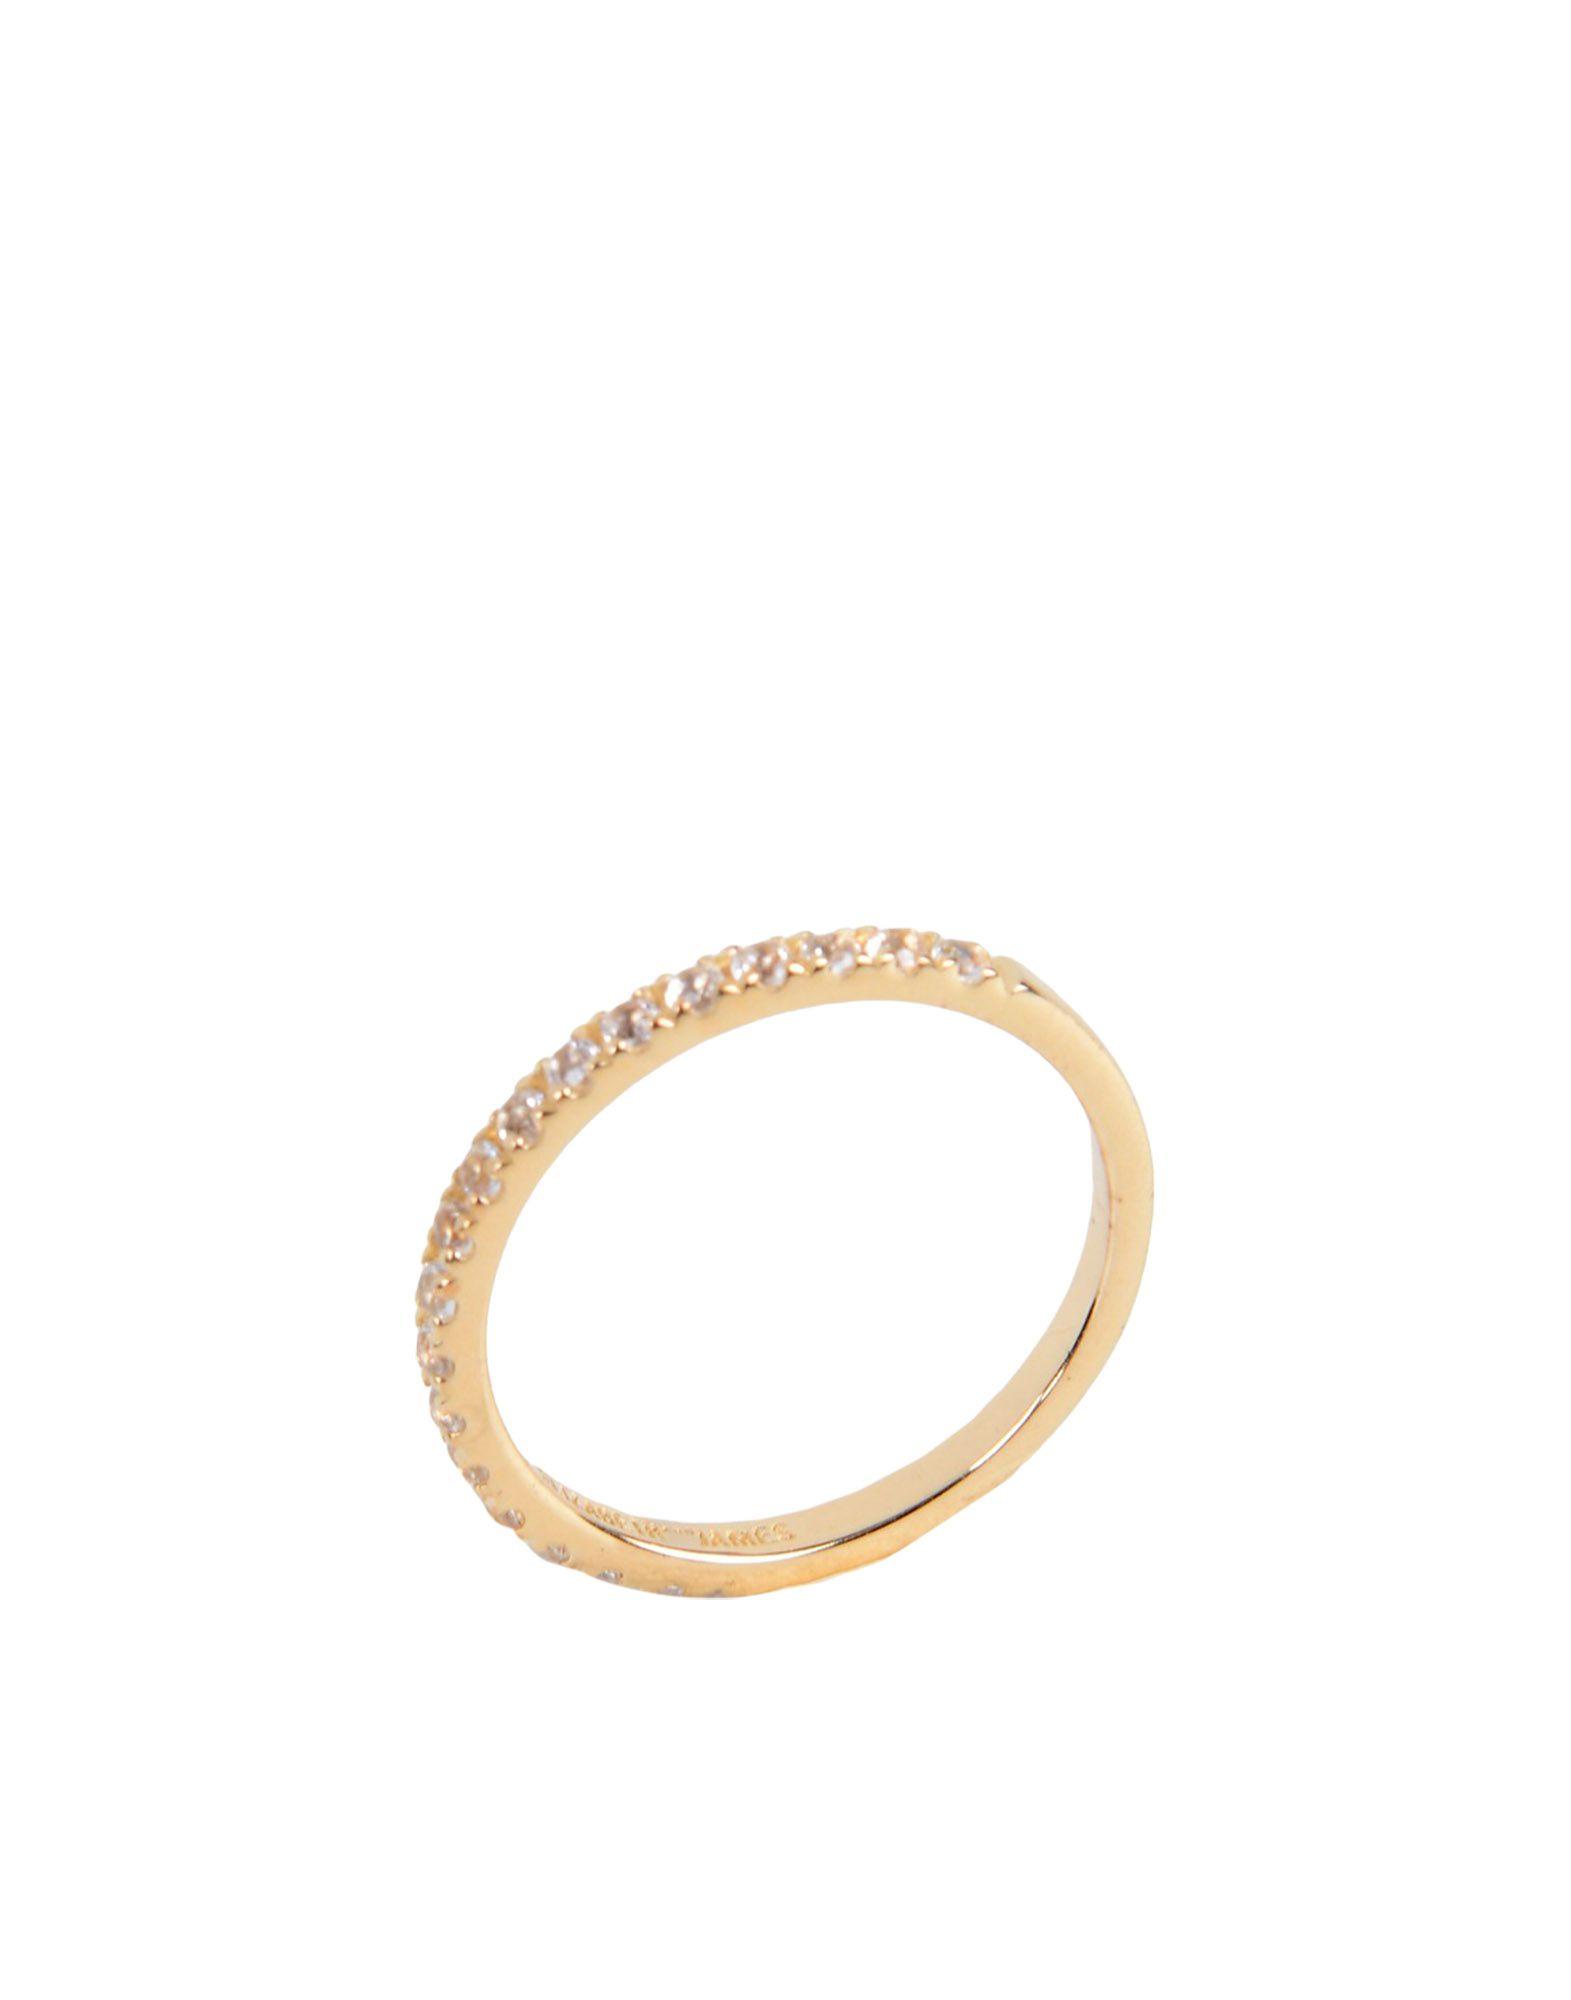 《送料無料》ELIZABETH AND JAMES レディース 指輪 ゴールド one size 金属